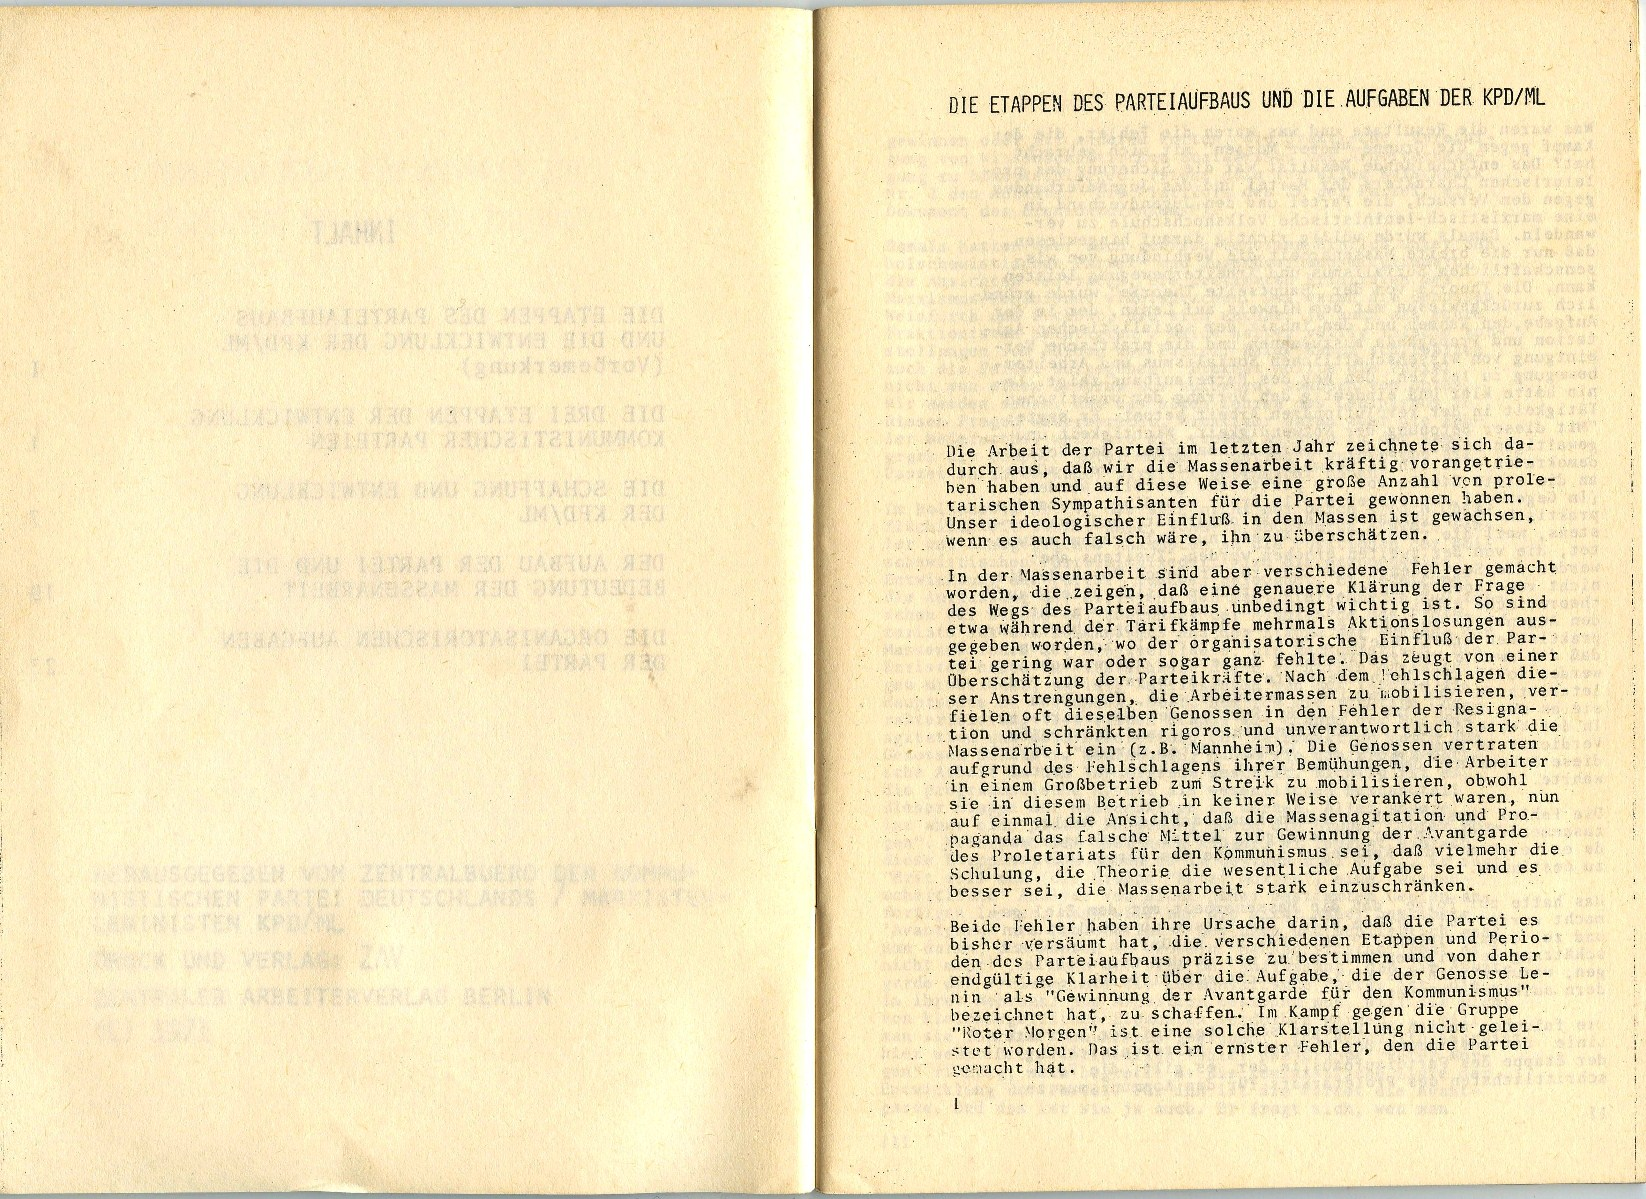 ZB_Etappen_Parteiaufbau_1971_04